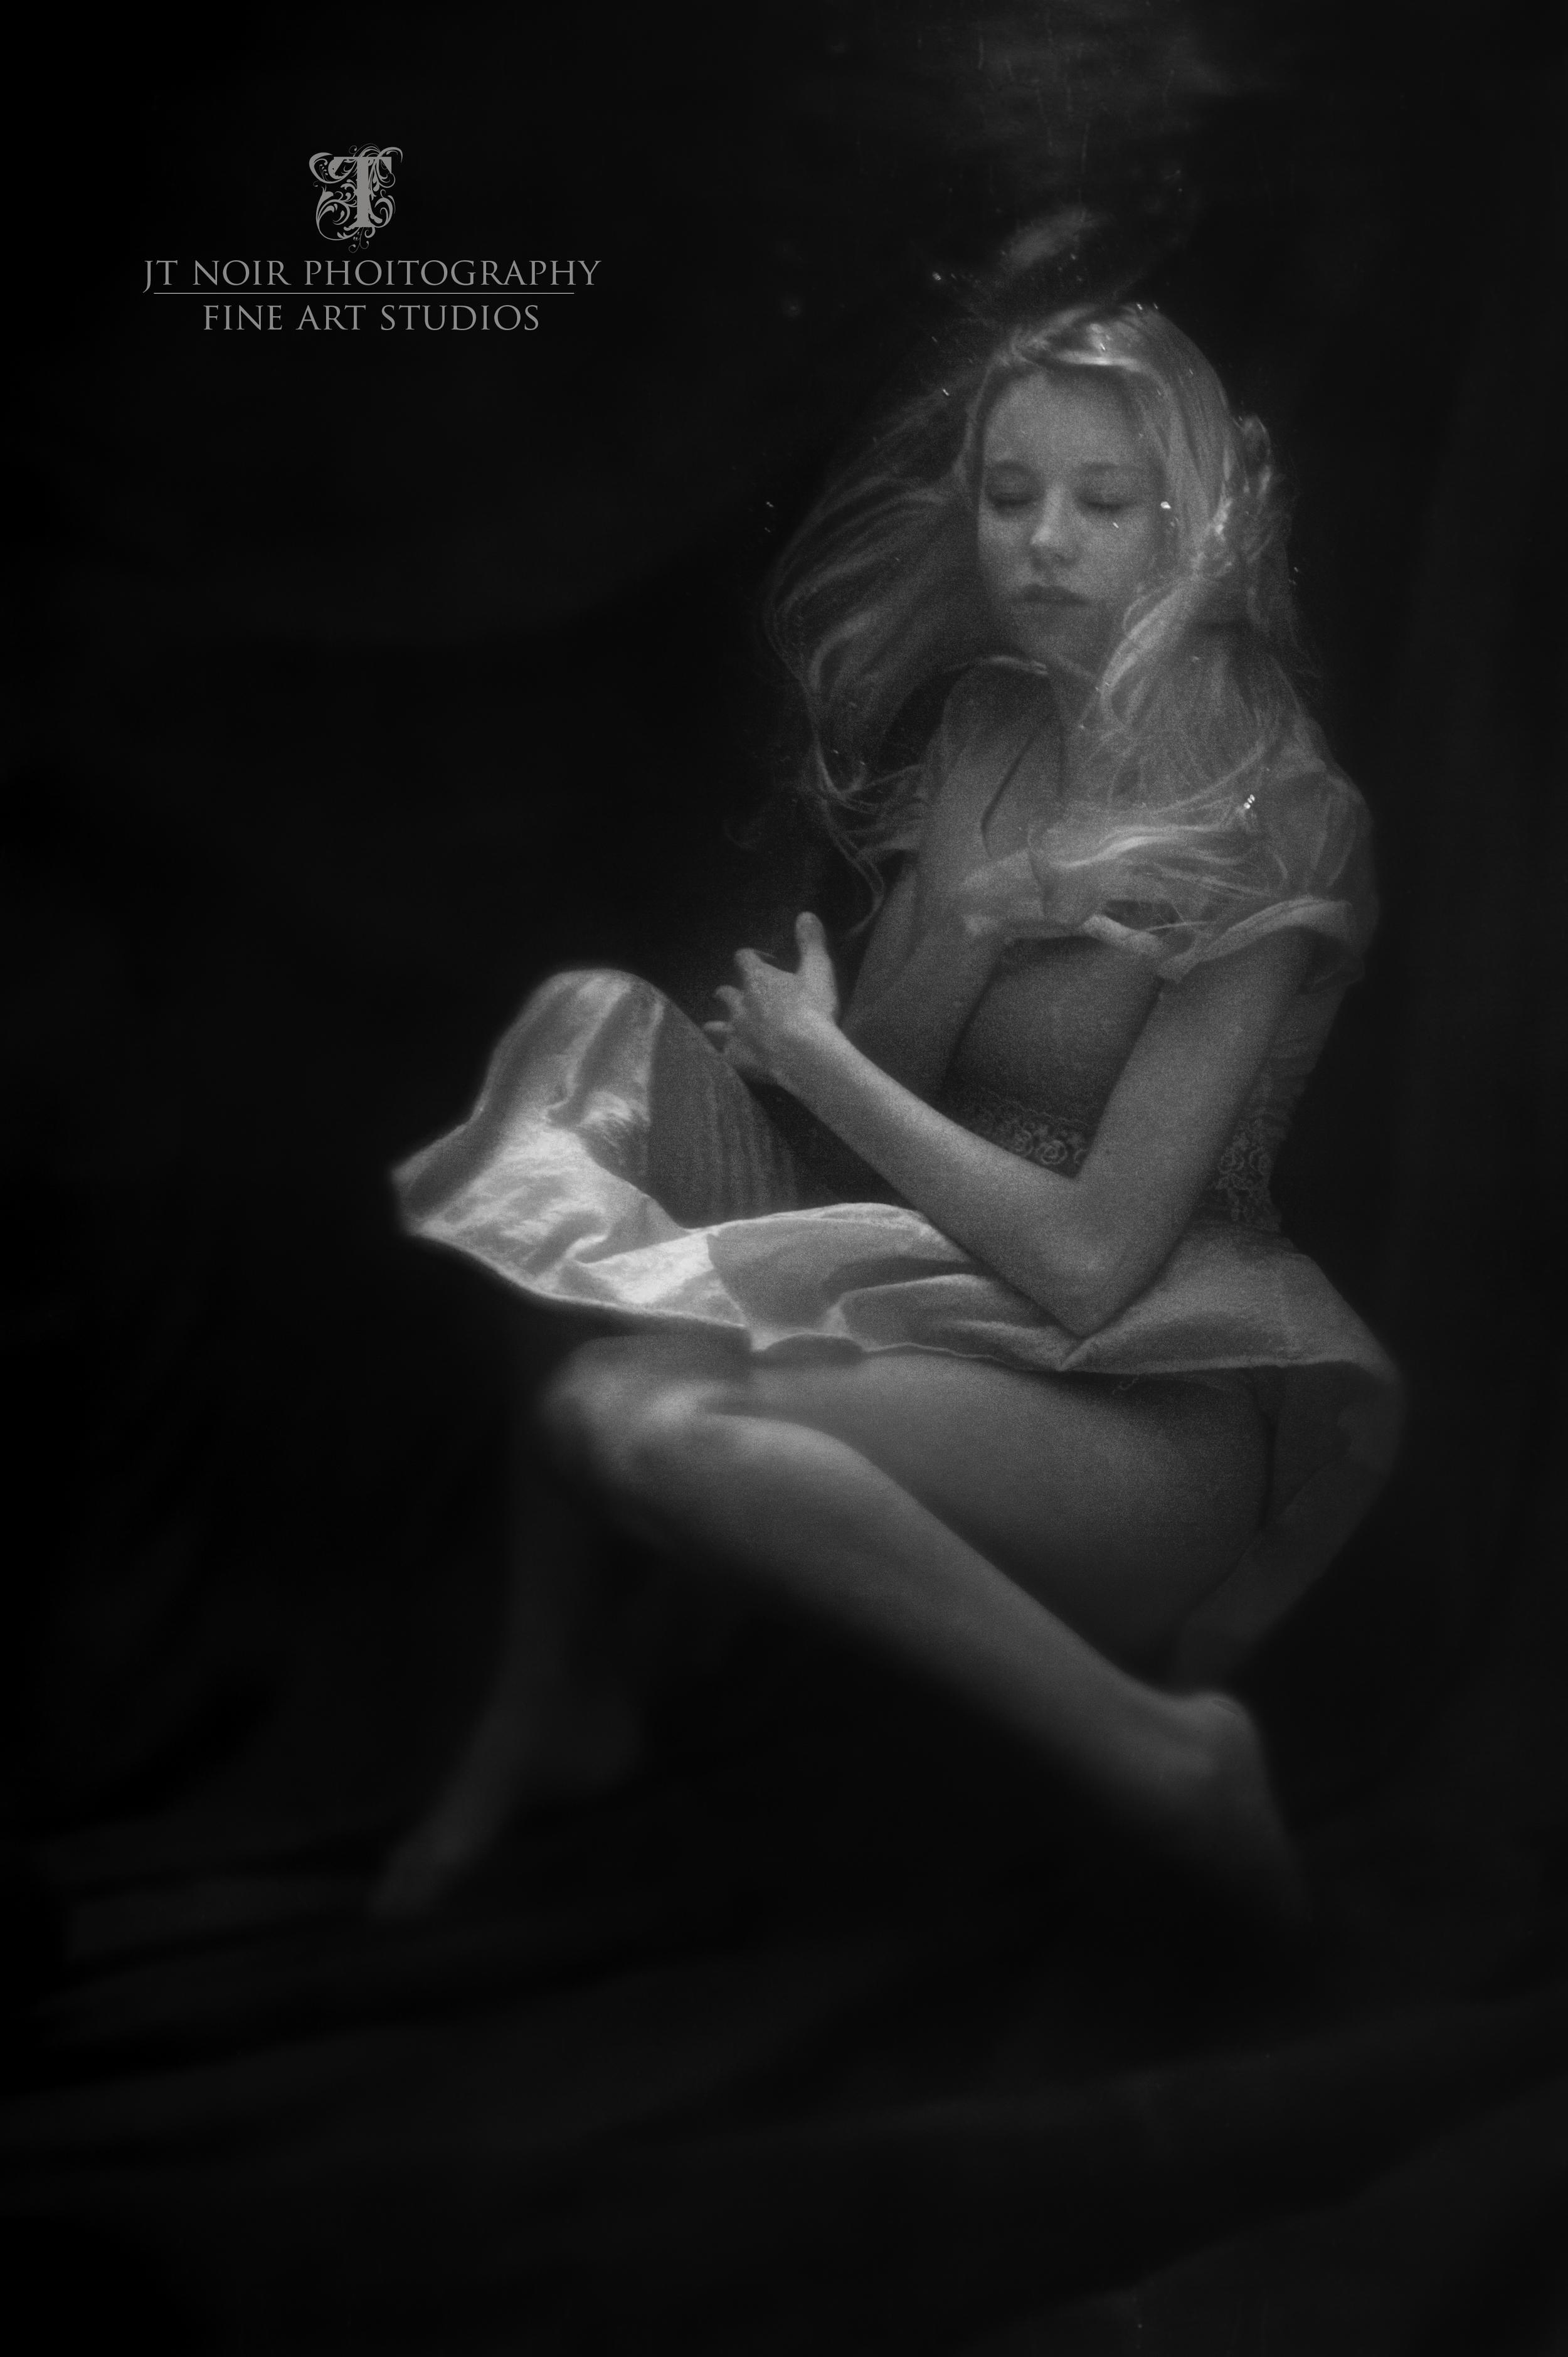 JTNoir_Photography_Underwater_Boudoir_Amber_6_2015_2.jpg